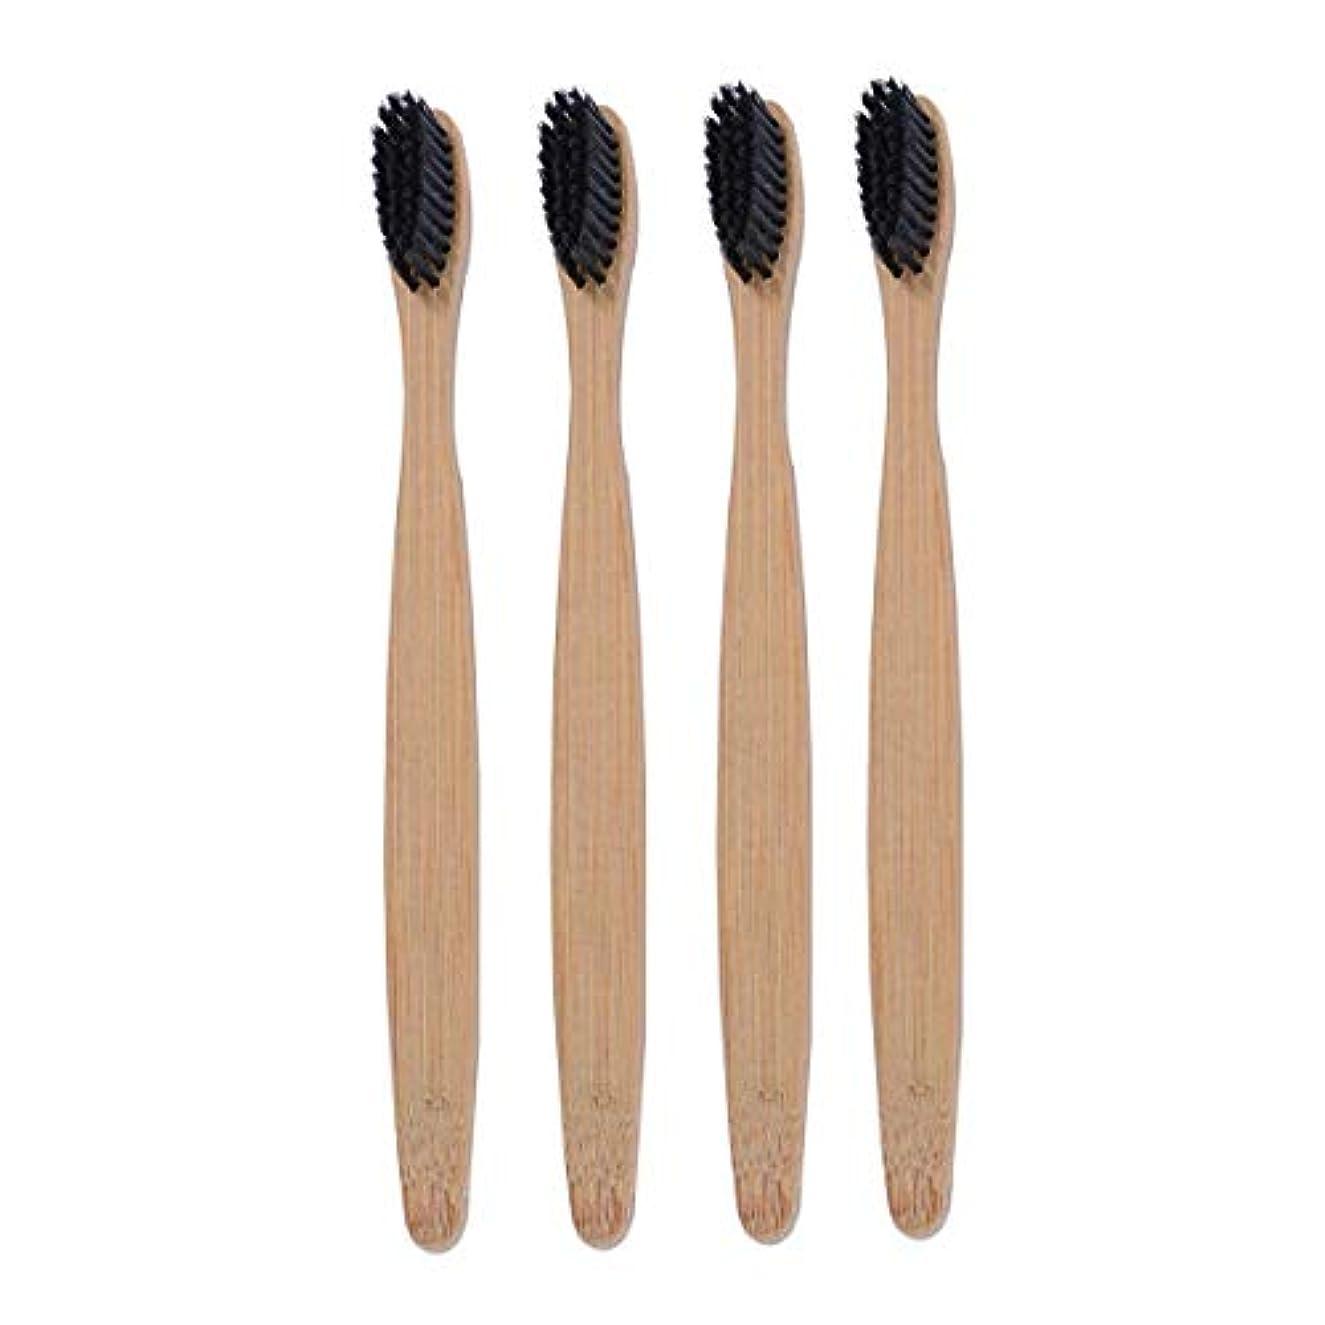 お祝い奨励確かめるHEALIFTY 4pcs環境にやさしい生分解性木製歯ブラシ竹炭歯ブラシ低炭素エコウッディネス歯ブラシ使い捨て歯ブラシ(黒)